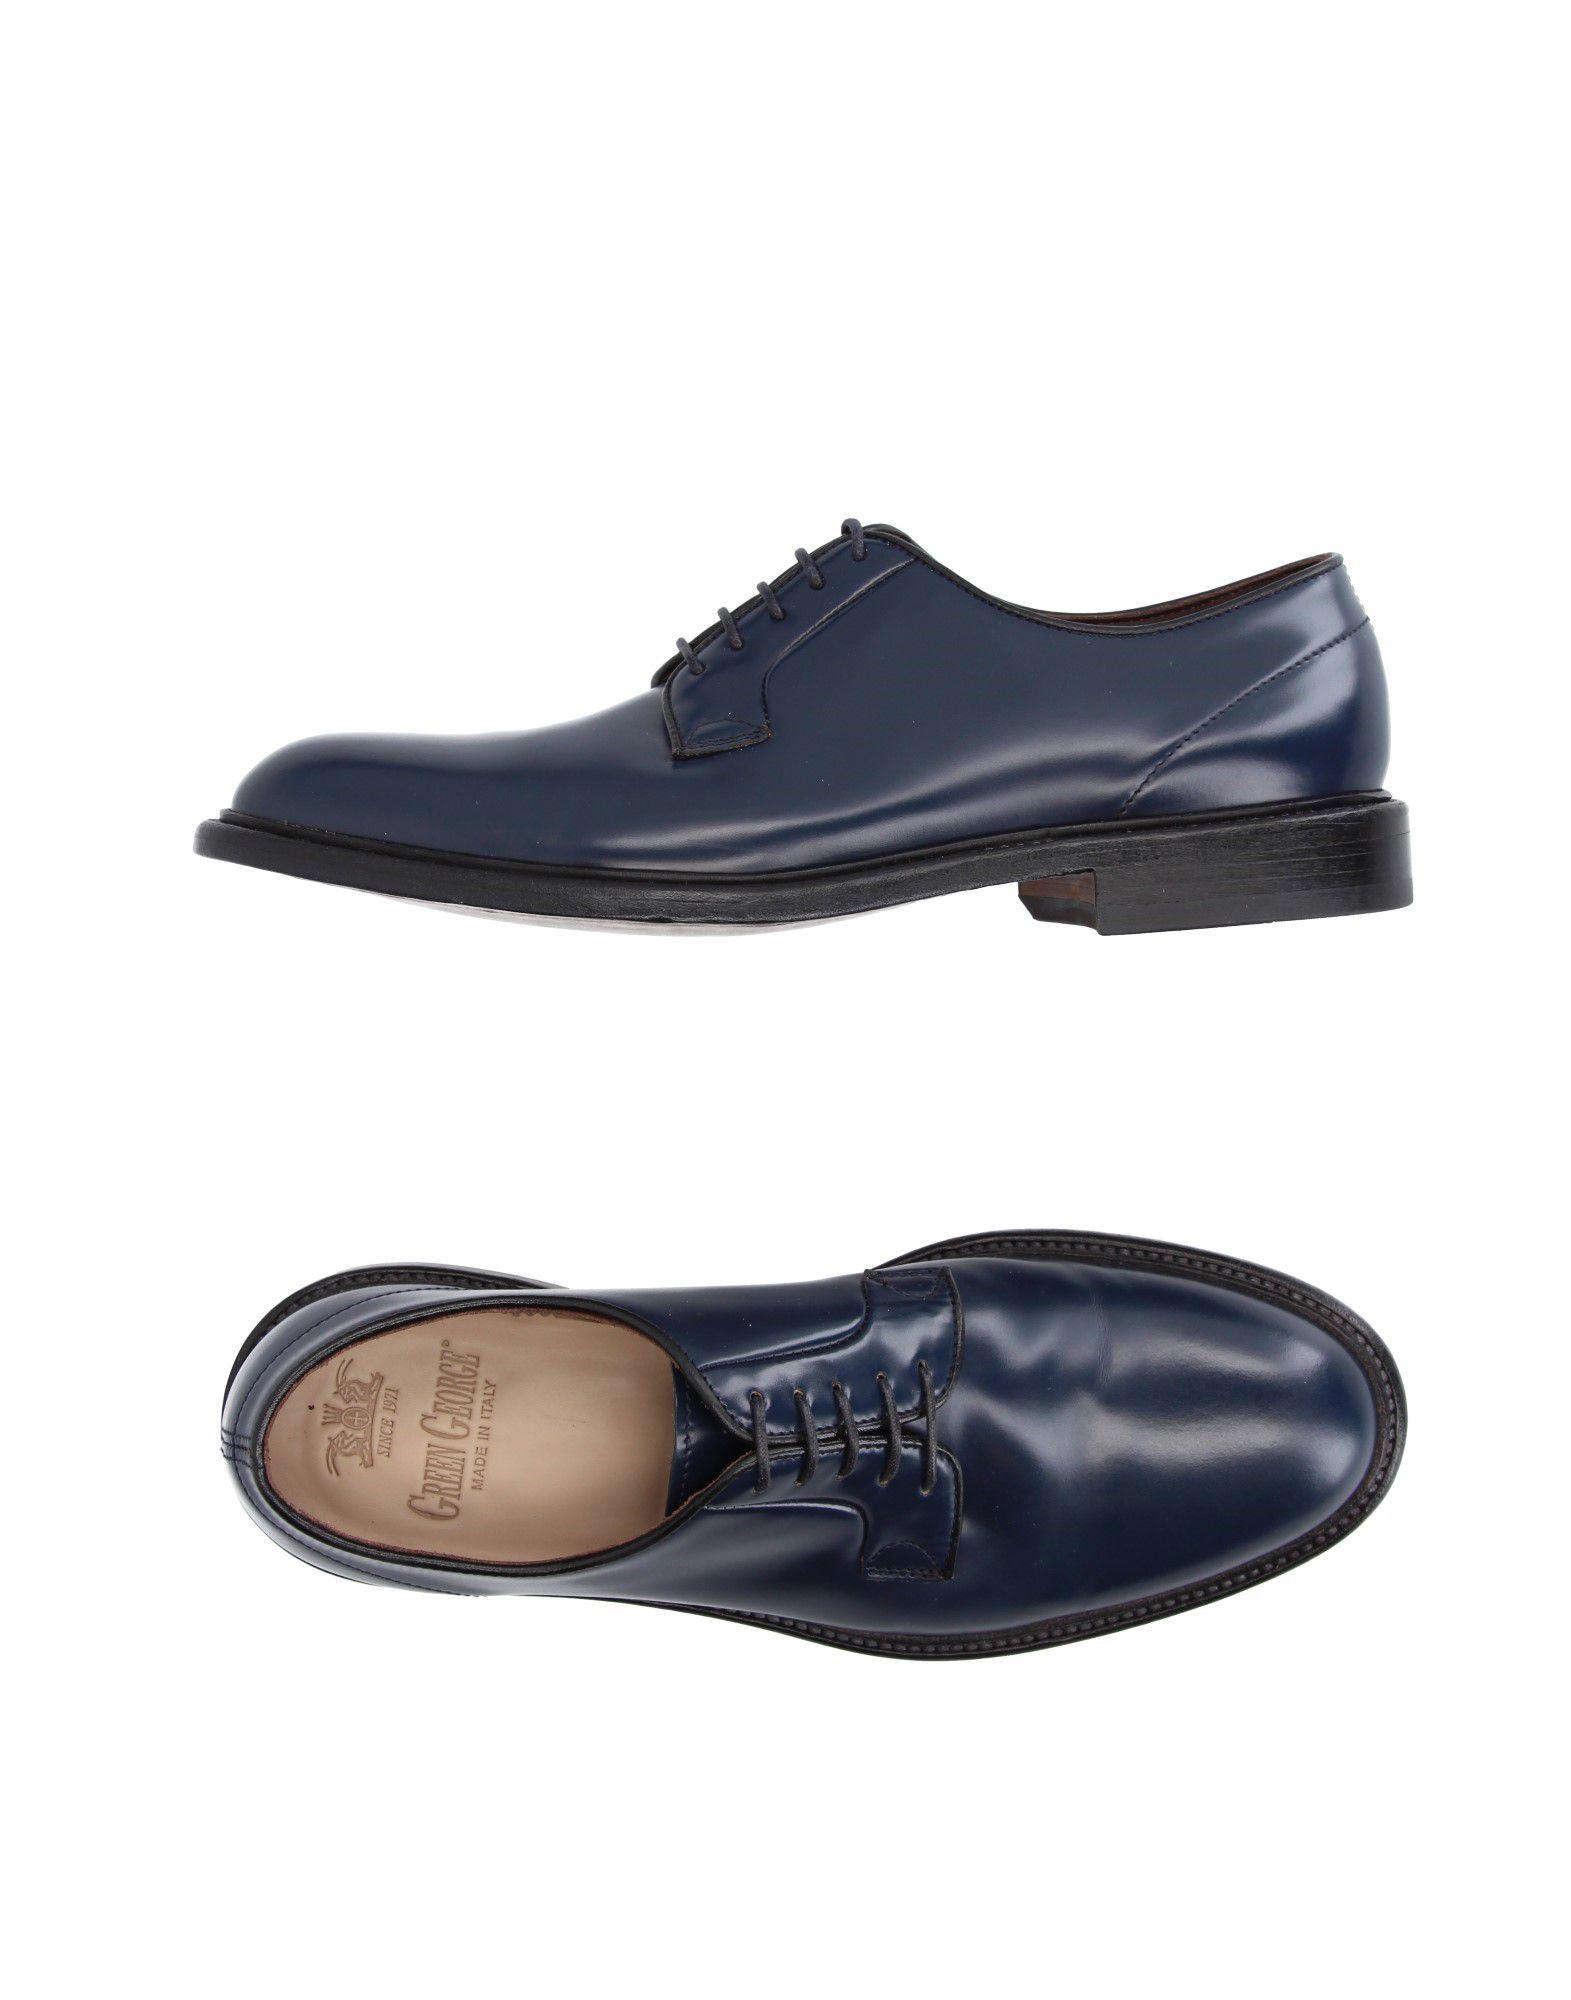 Green George Schnürschuhe Herren  11217958BV Gute Qualität beliebte Schuhe